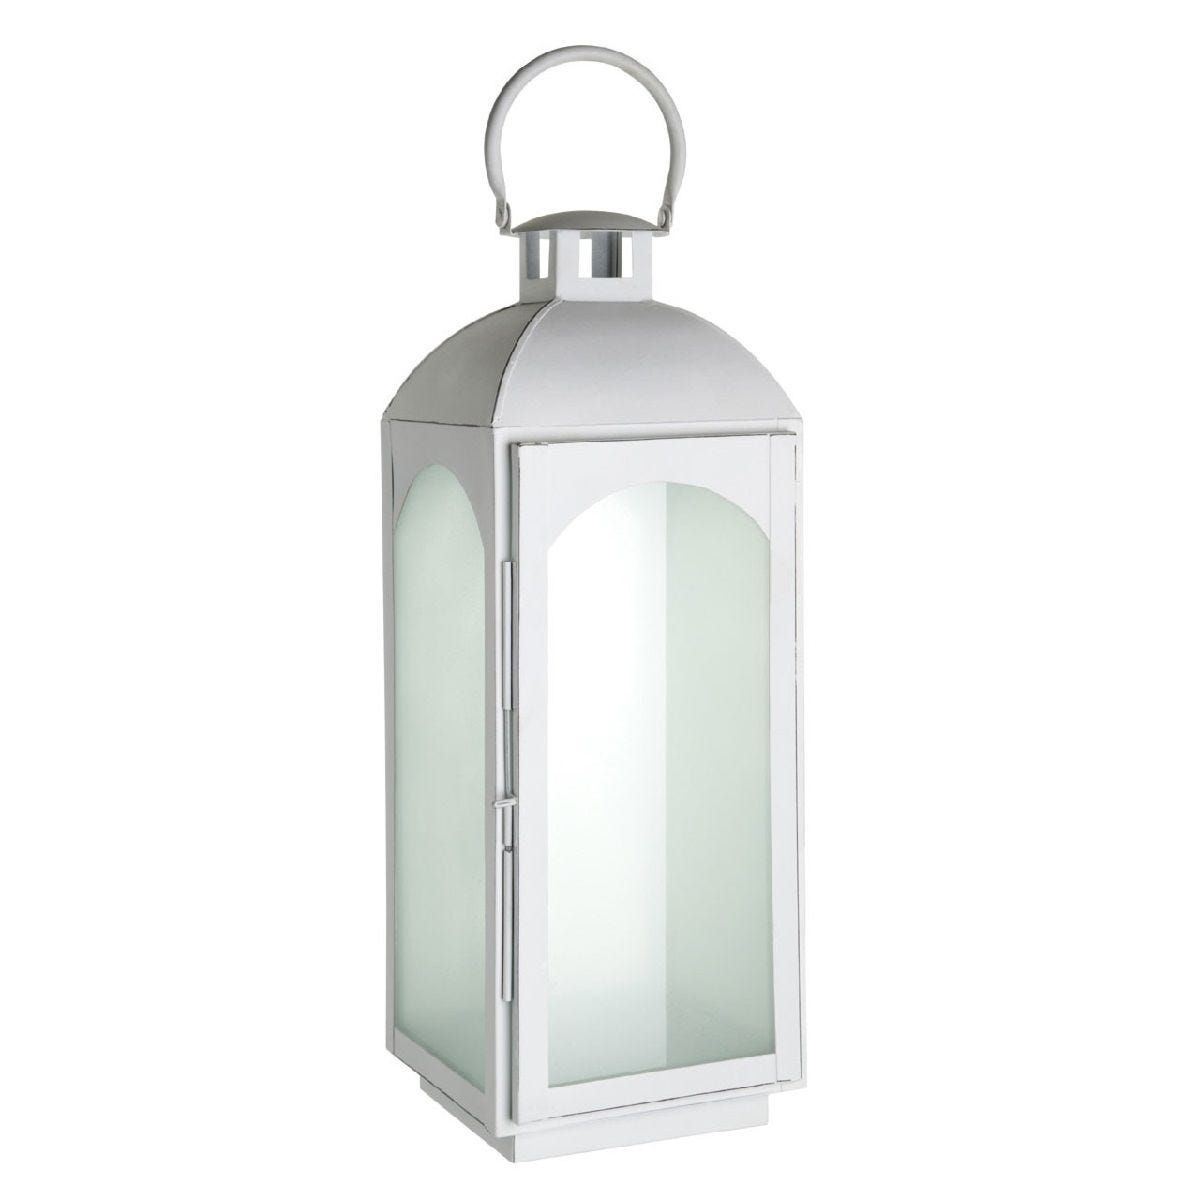 Premier Housewares Complements Large Lantern - White Wash